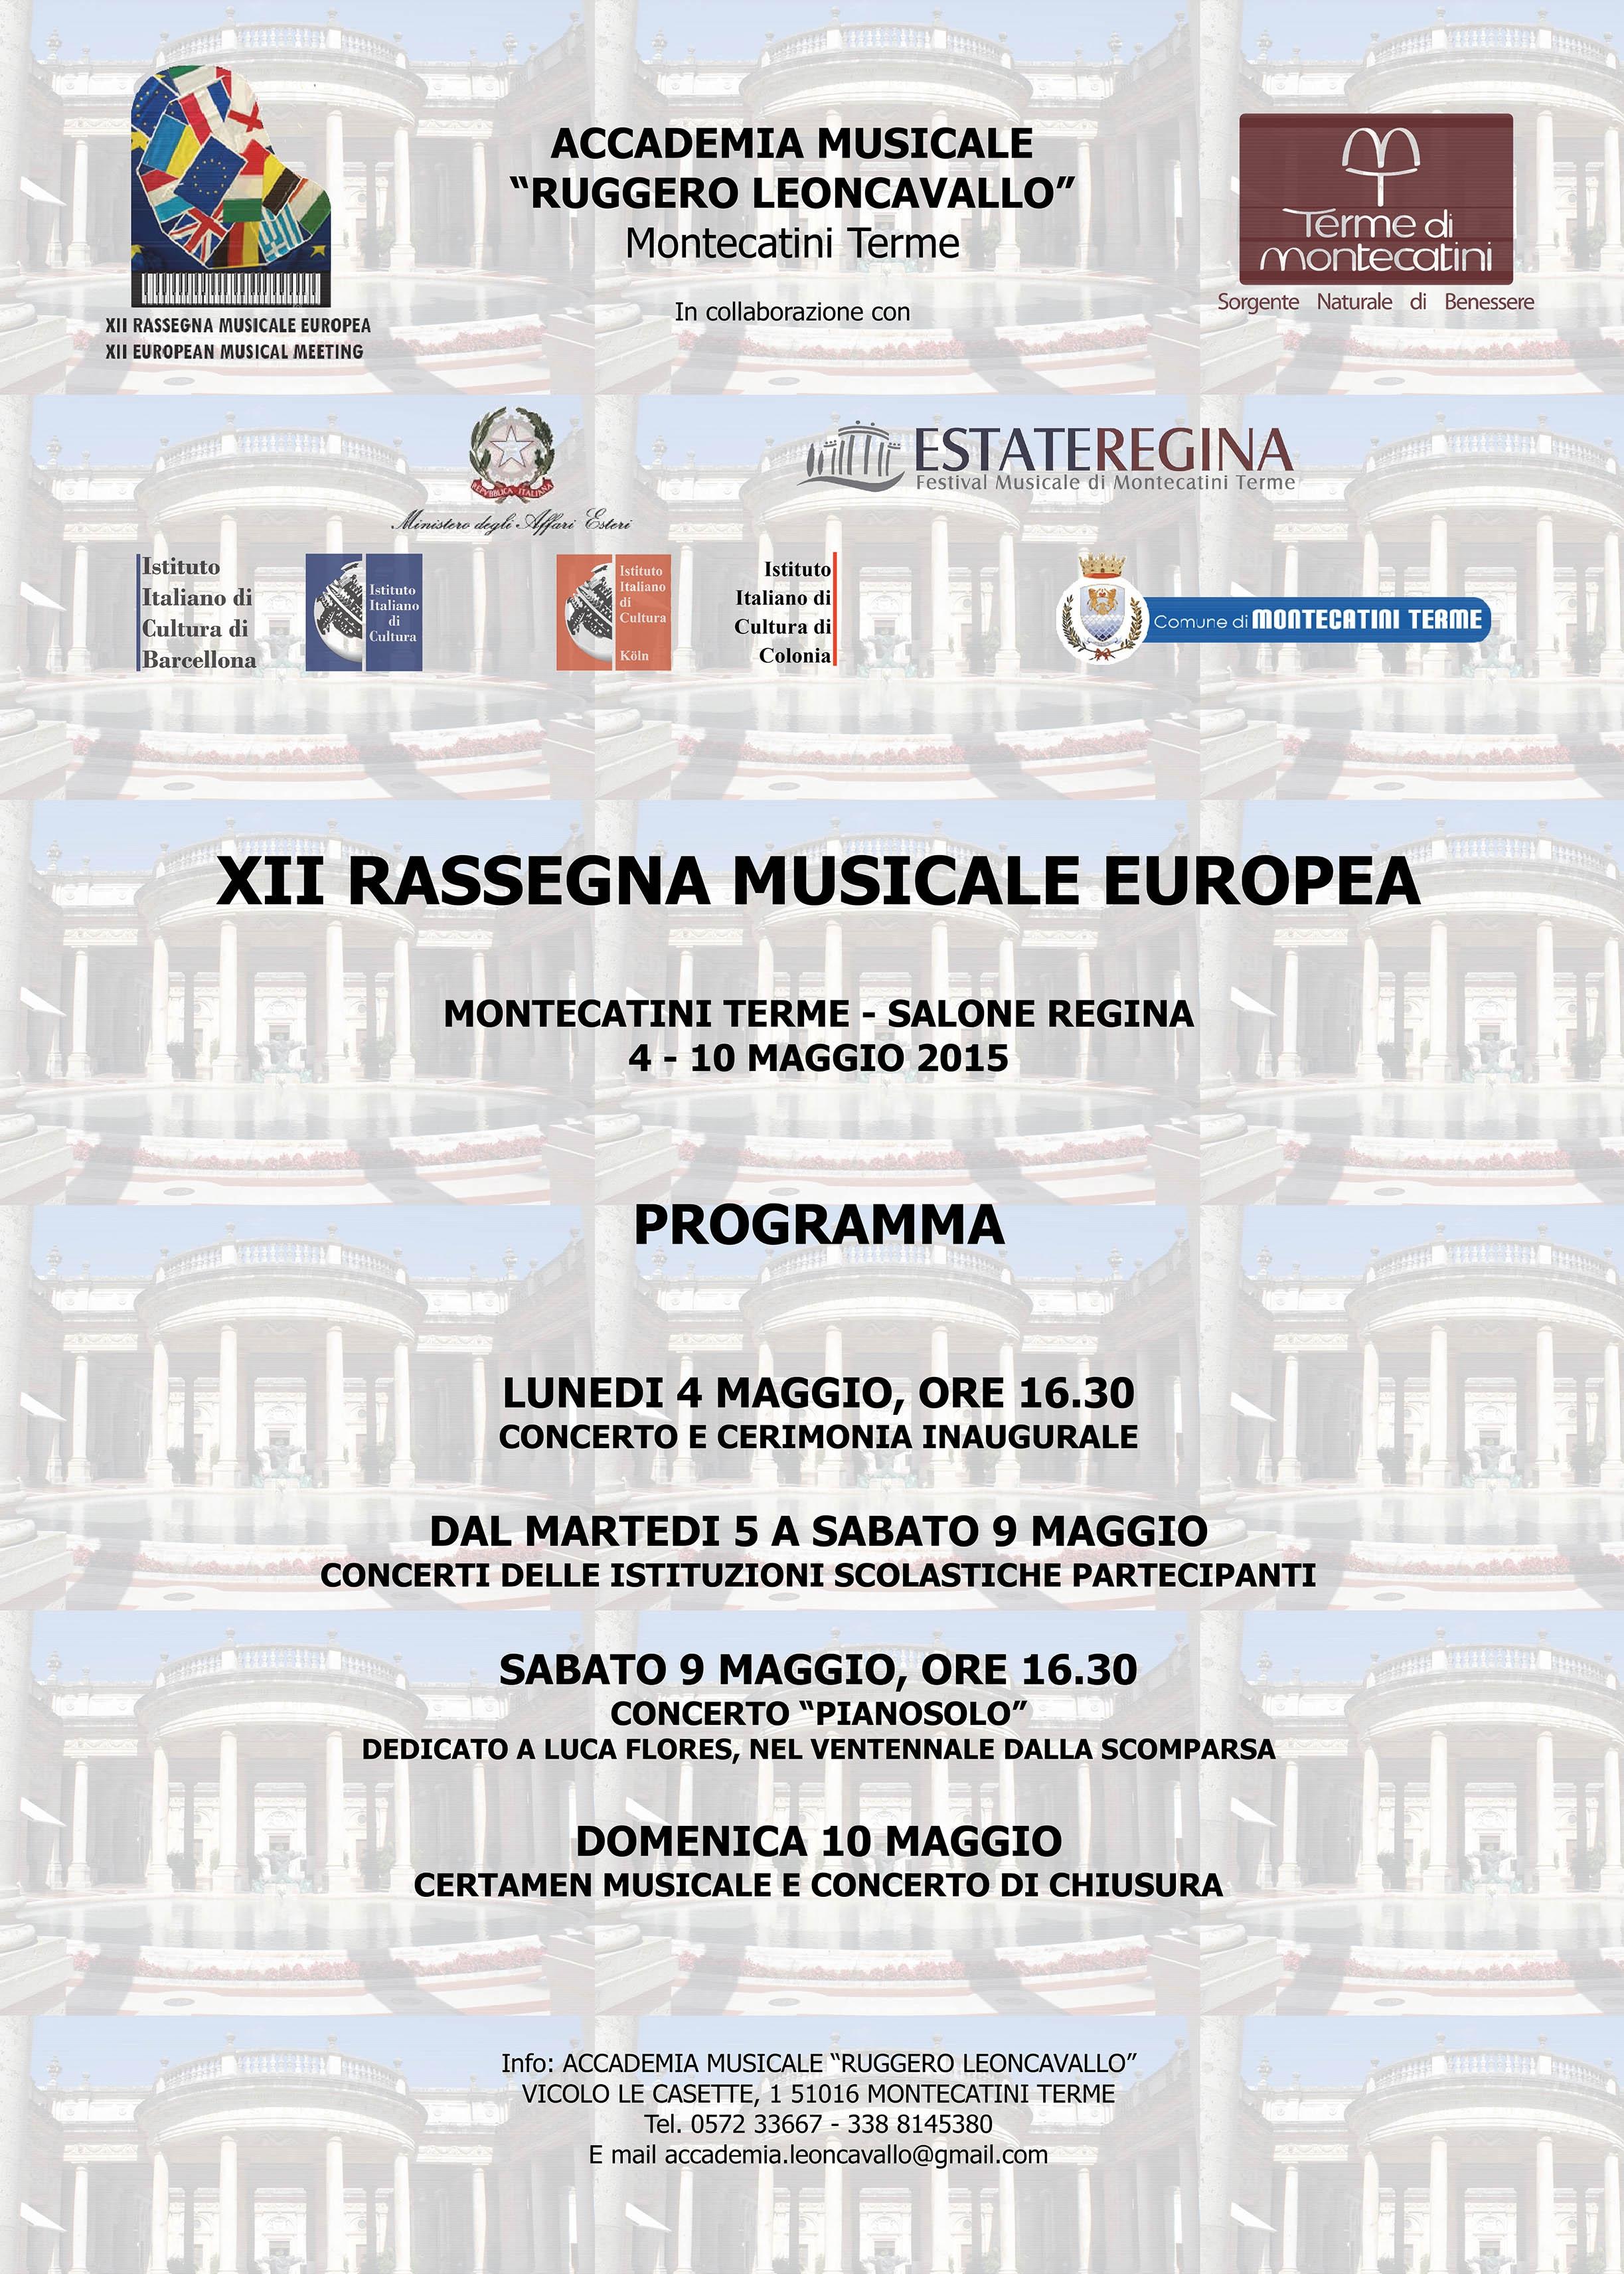 MIUR Ufficio Scolastico Regionale per l Abruzzo